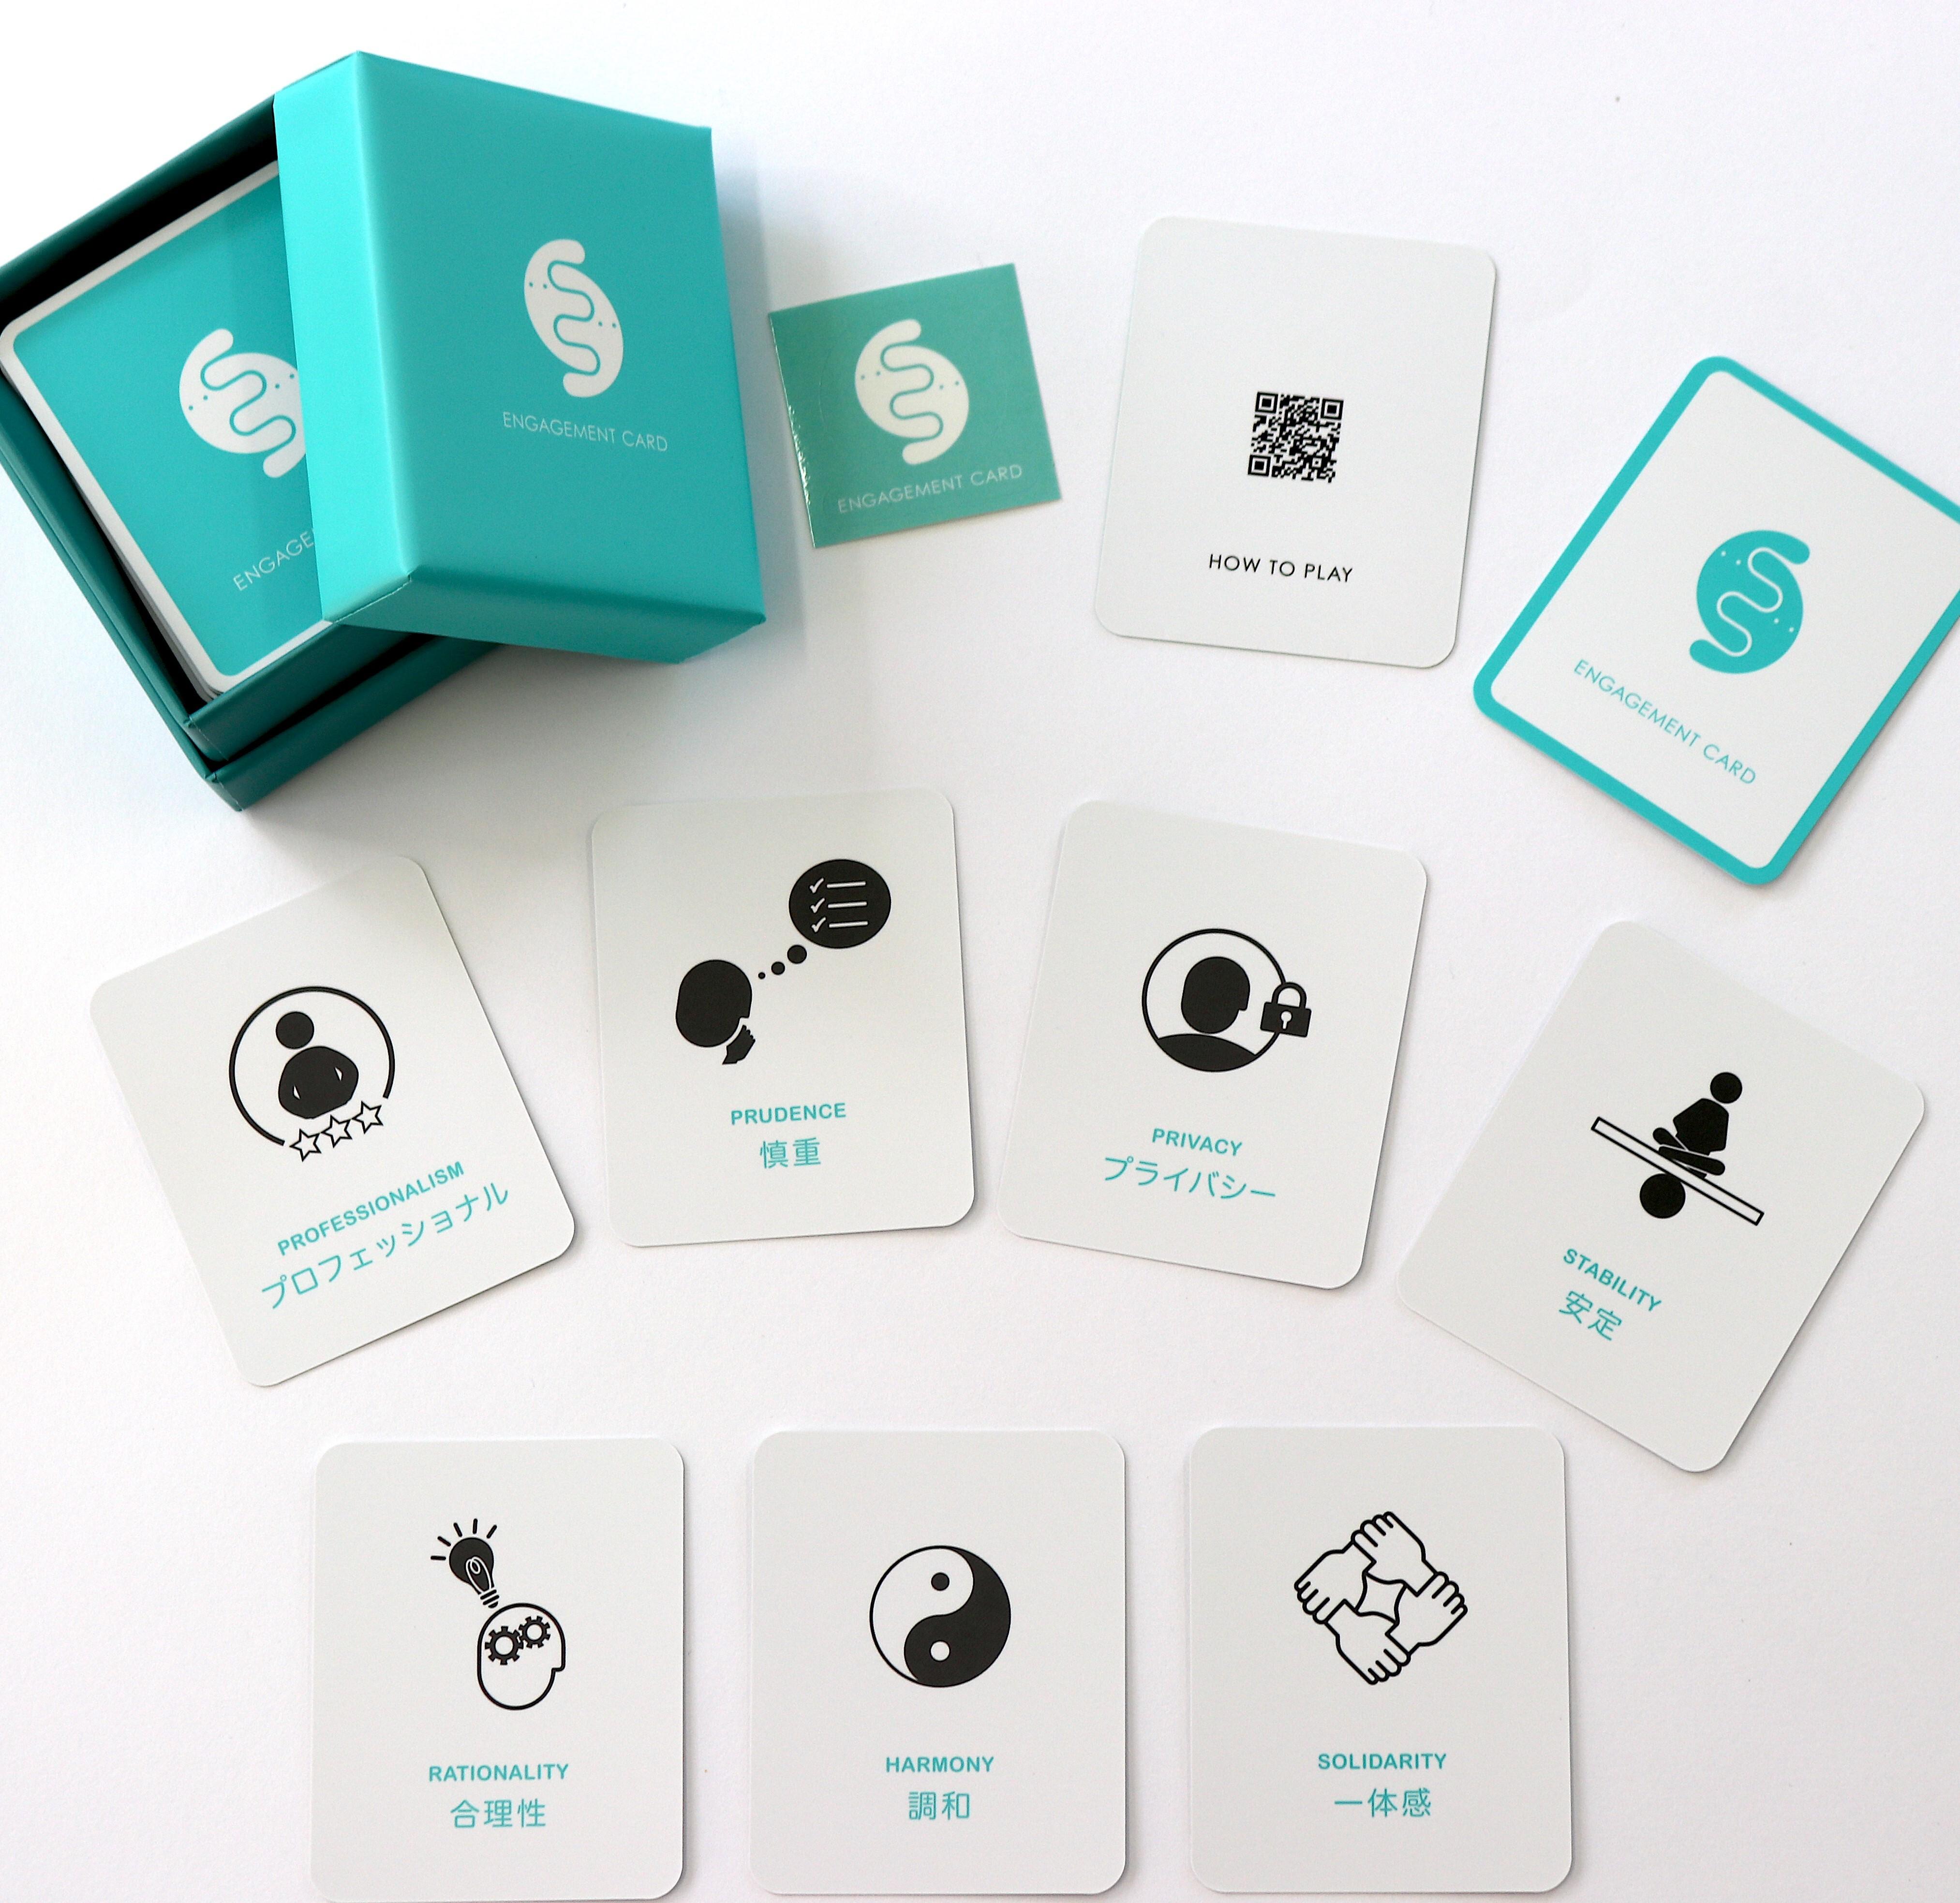 【カード】世界最高のチームを目指す!働きがいと生産性を向上させるエンゲージメントカード(日本製)